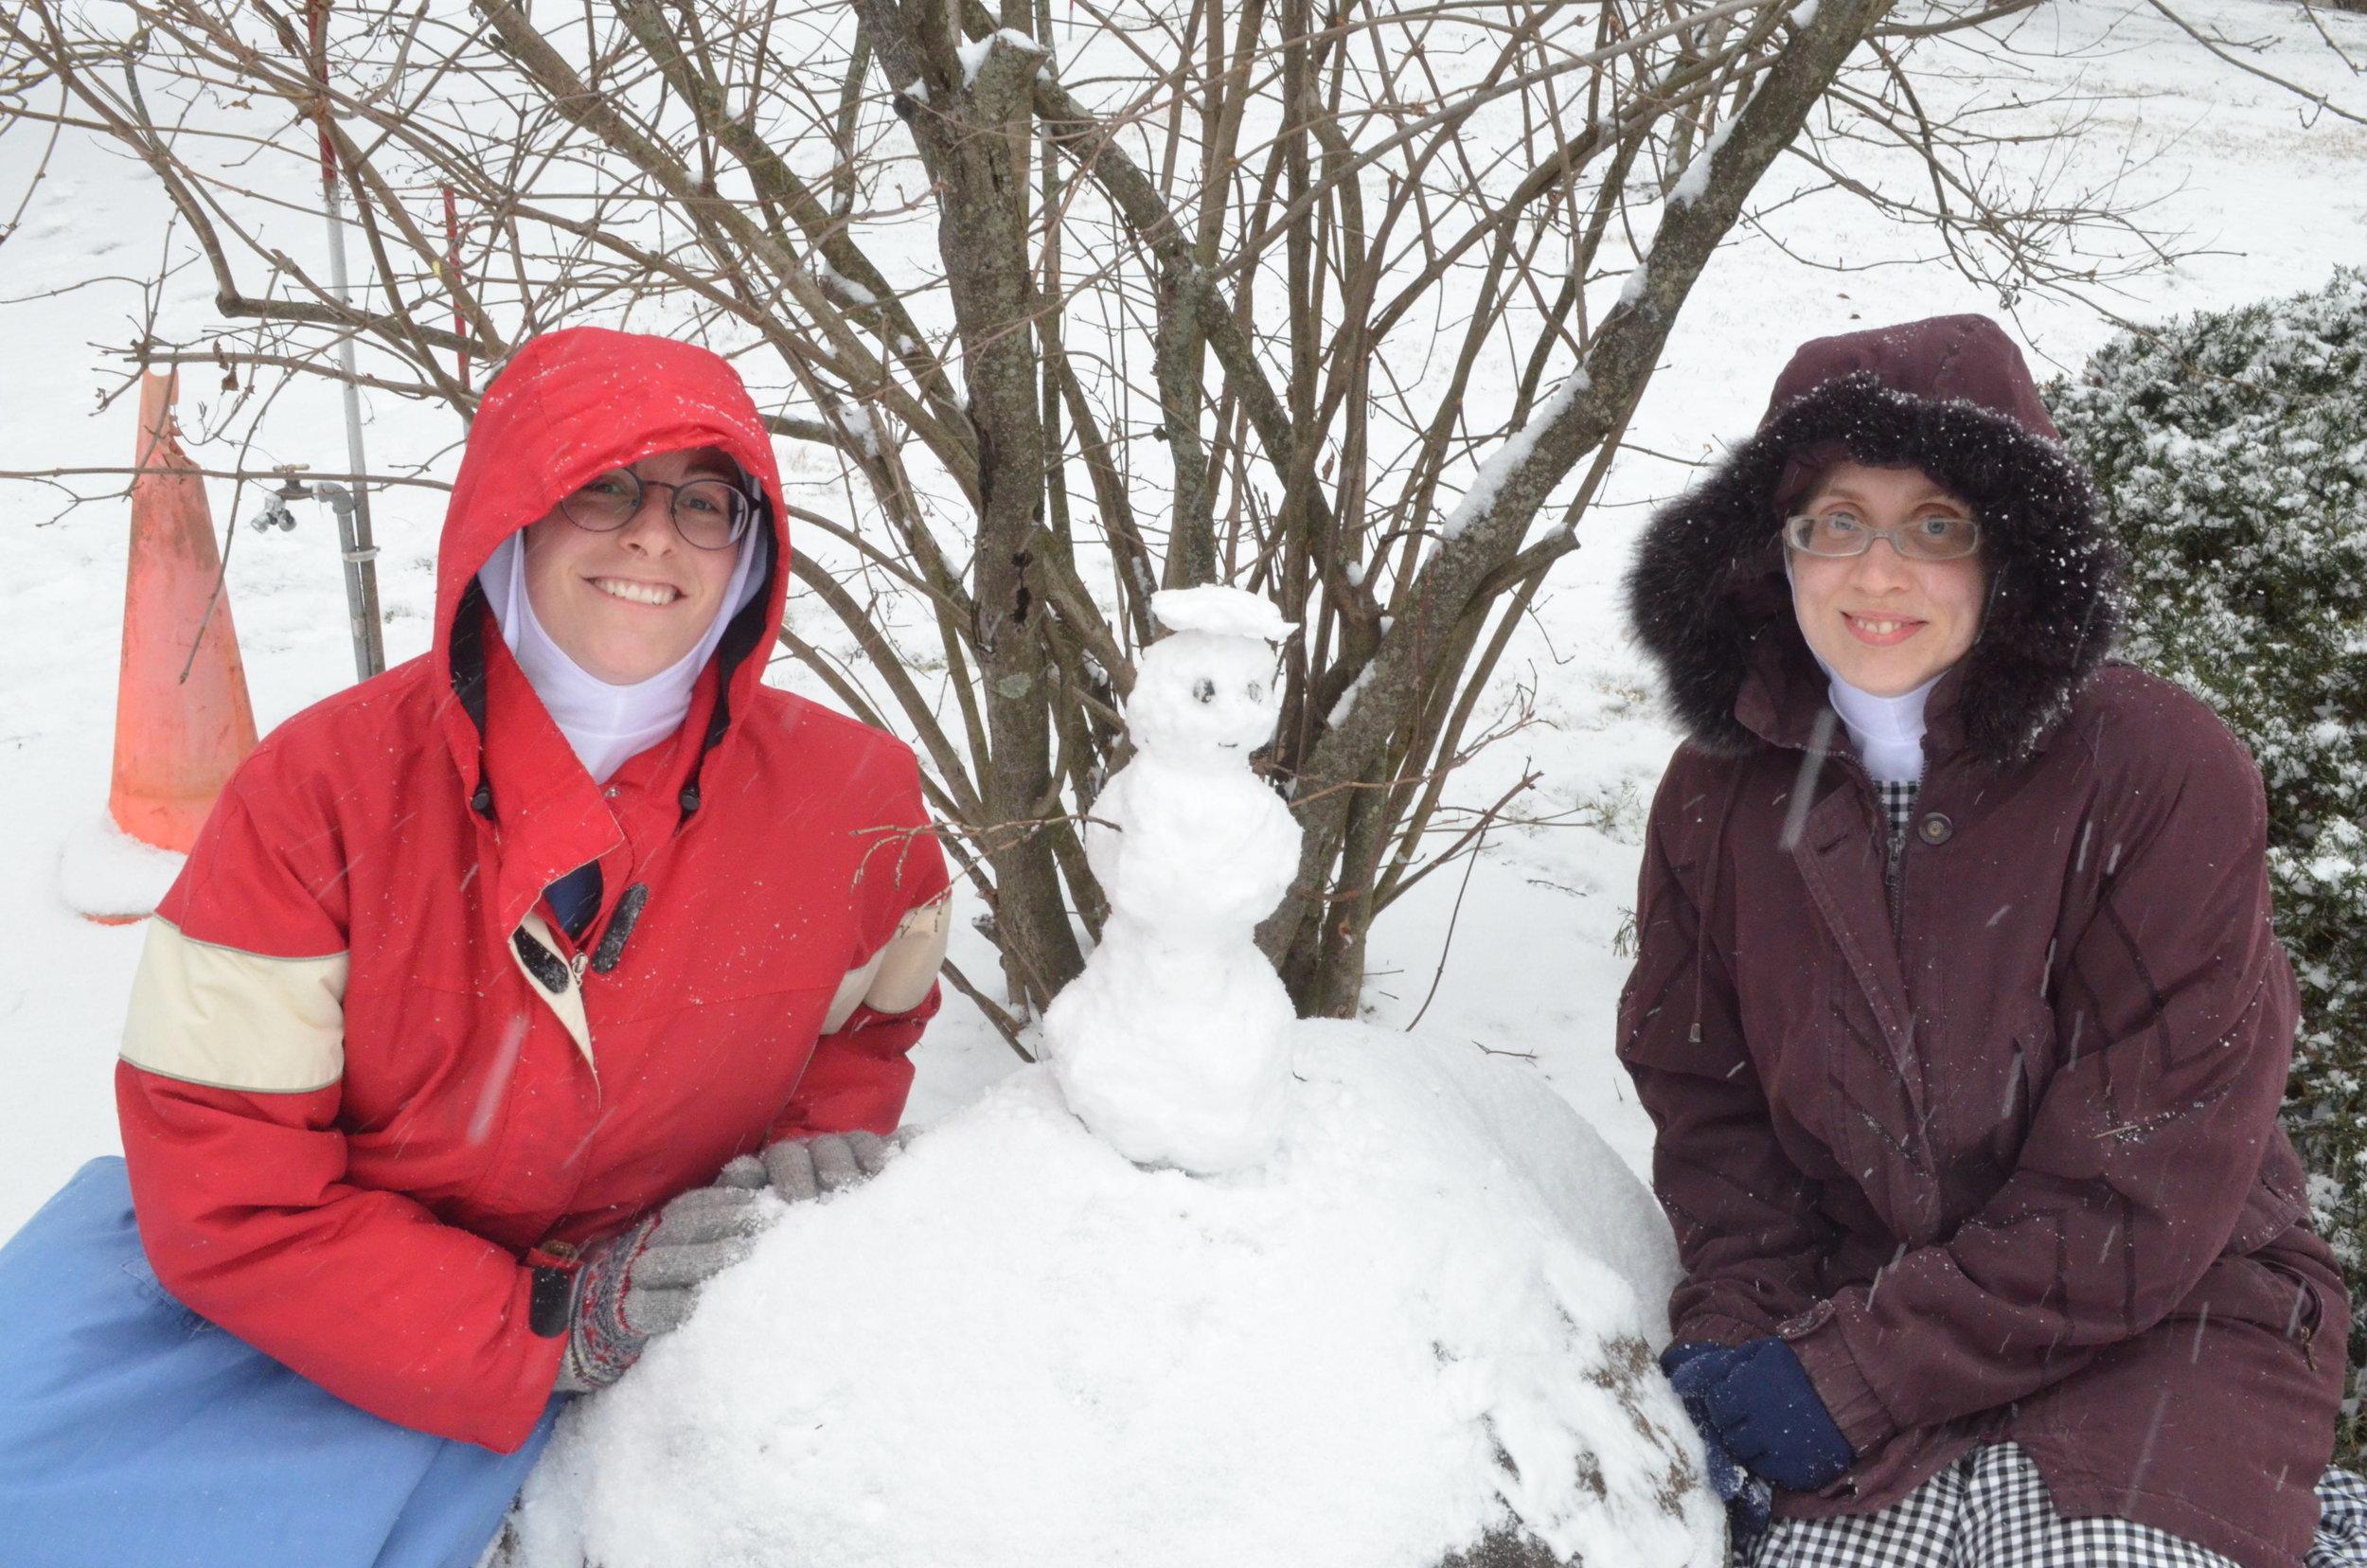 Sr. Mary Ana and Sr. Maria Johanna with their little snowman.